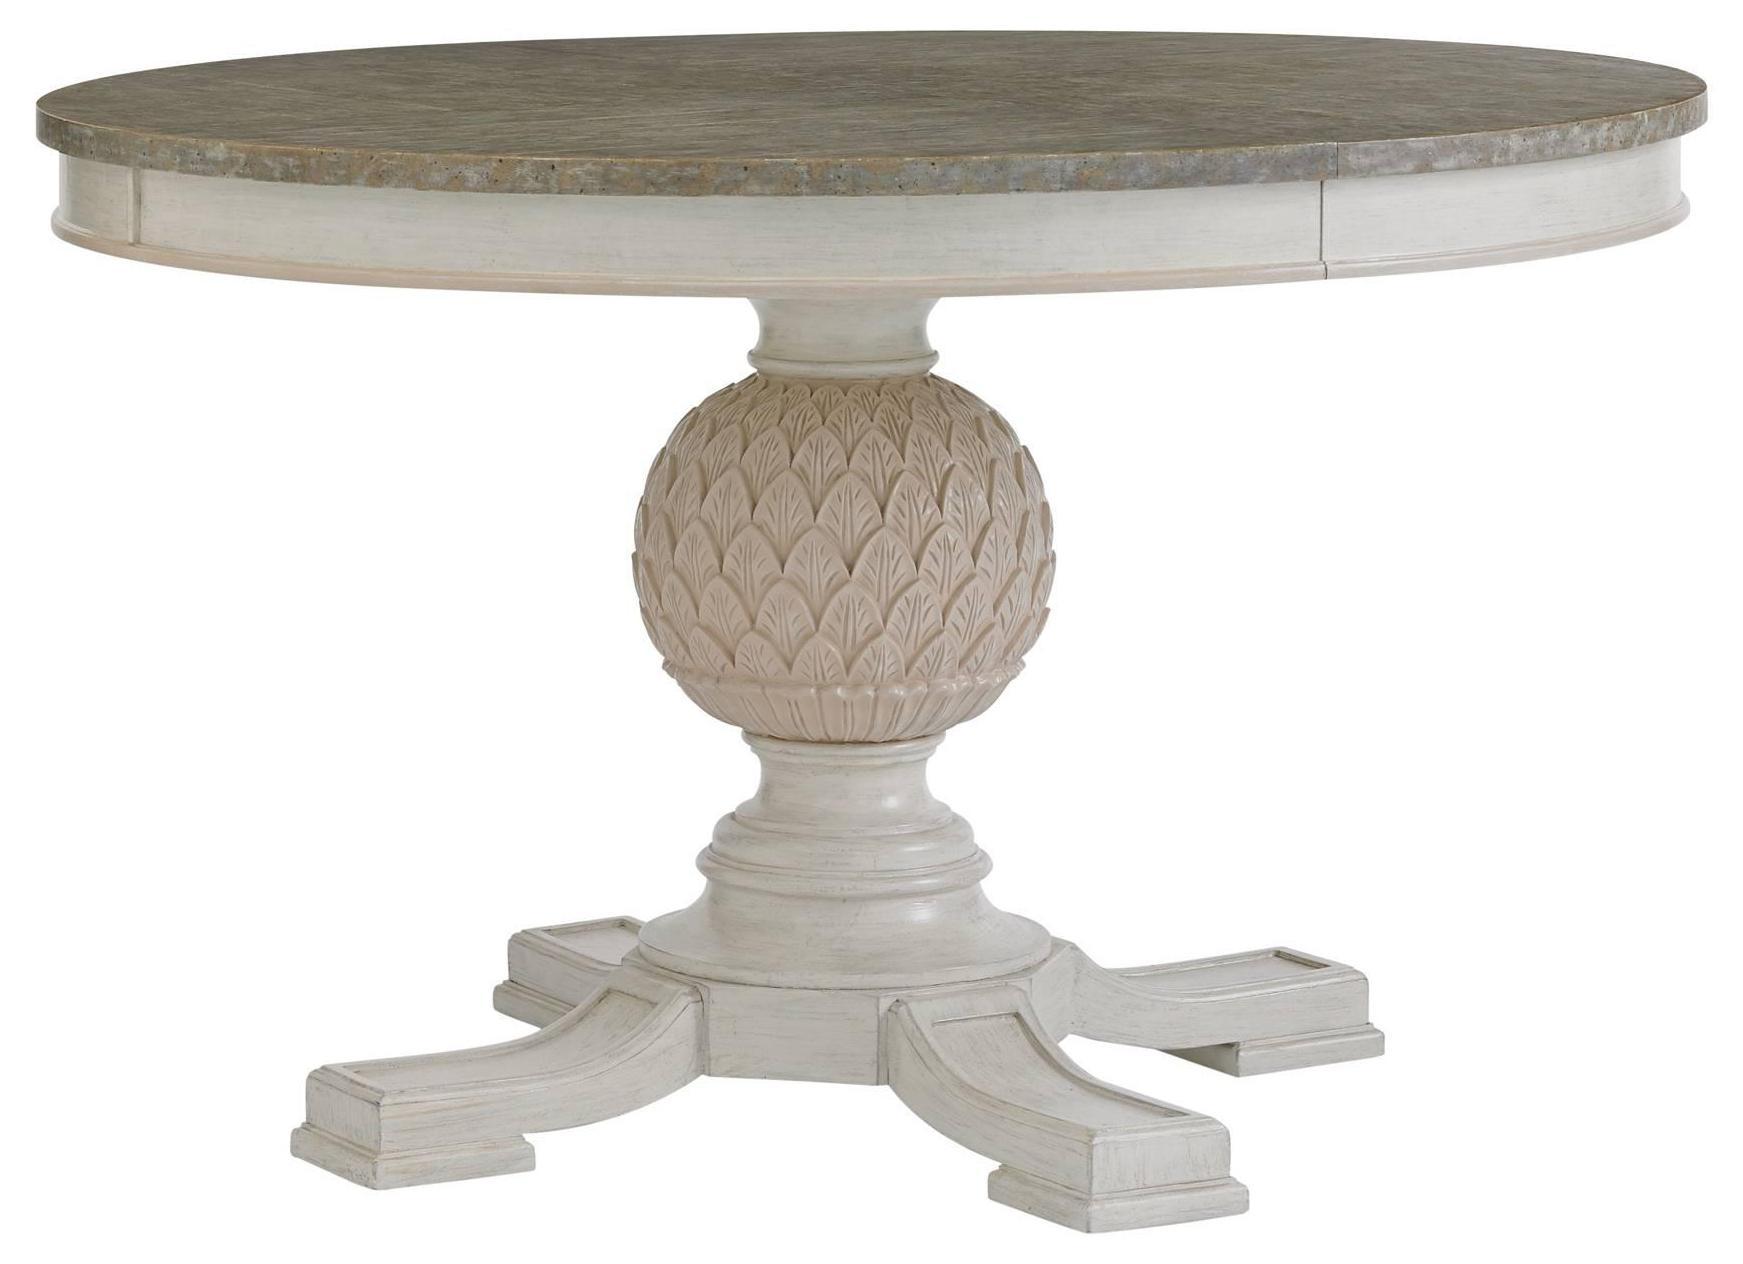 Stanley Furniture Preserve Artichoke Pedestal Table - Item Number: 340-21-30